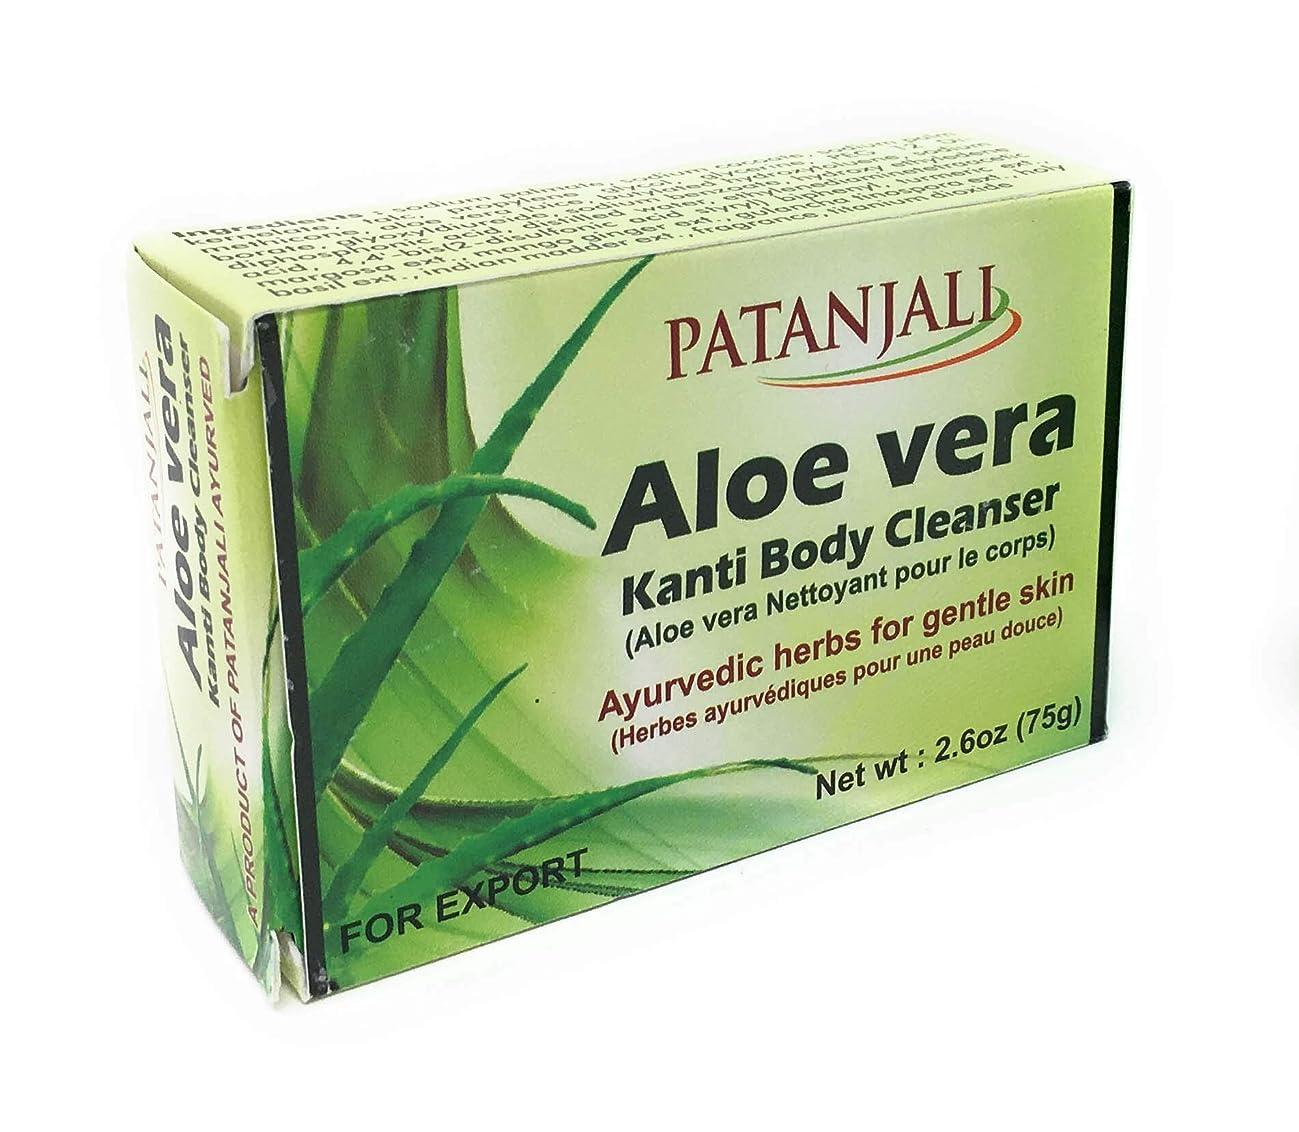 非難するネックレット湿地パタンジャリ アロエベラソープ 75g×2個 アーユルヴェーダ インド産 Aloevera Kanty Body Cleanser Ayurveda Patanjali India